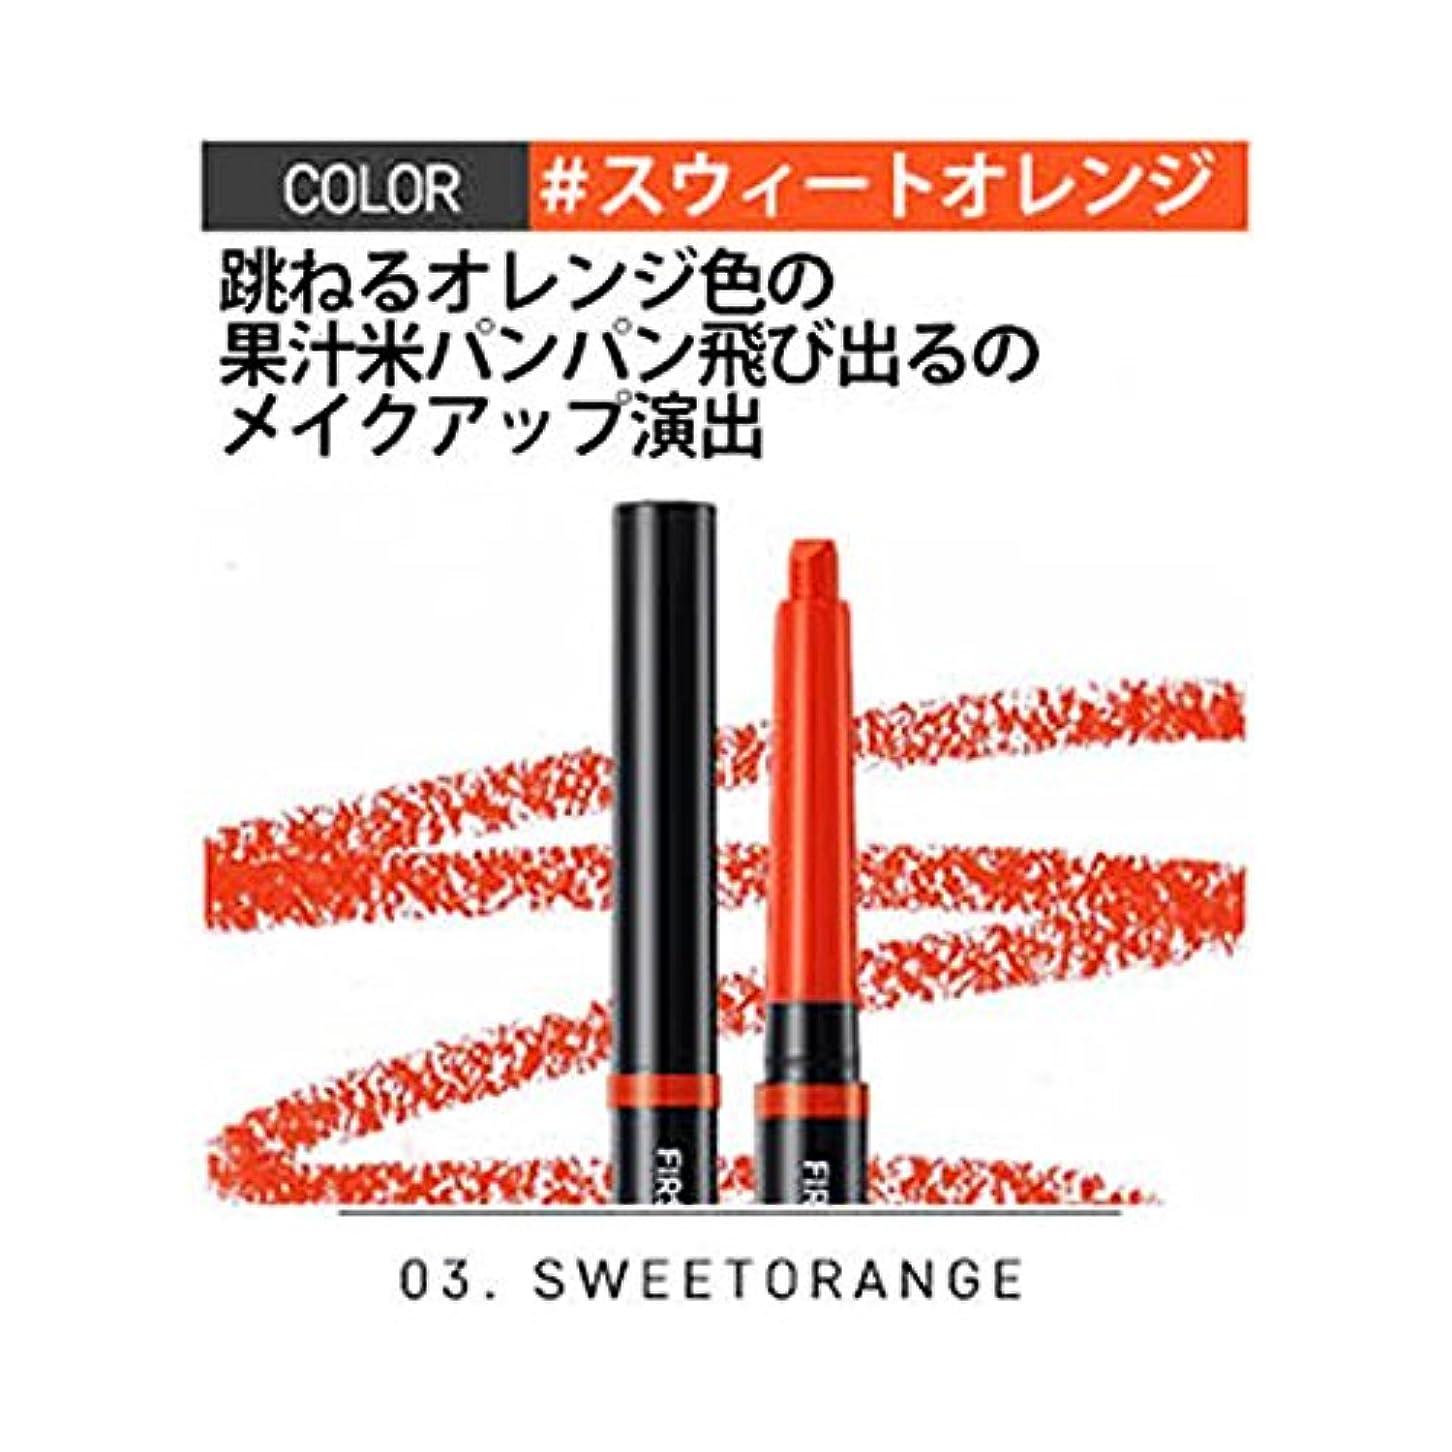 ジム猛烈な同性愛者[G9SKIN/G9スキン] First Blending Pencil/ファーストブレンディングペンシル リップスティック 口紅 リップ リップメイク メイクアップ 化粧品 コスメ (SWEET ORANGE)